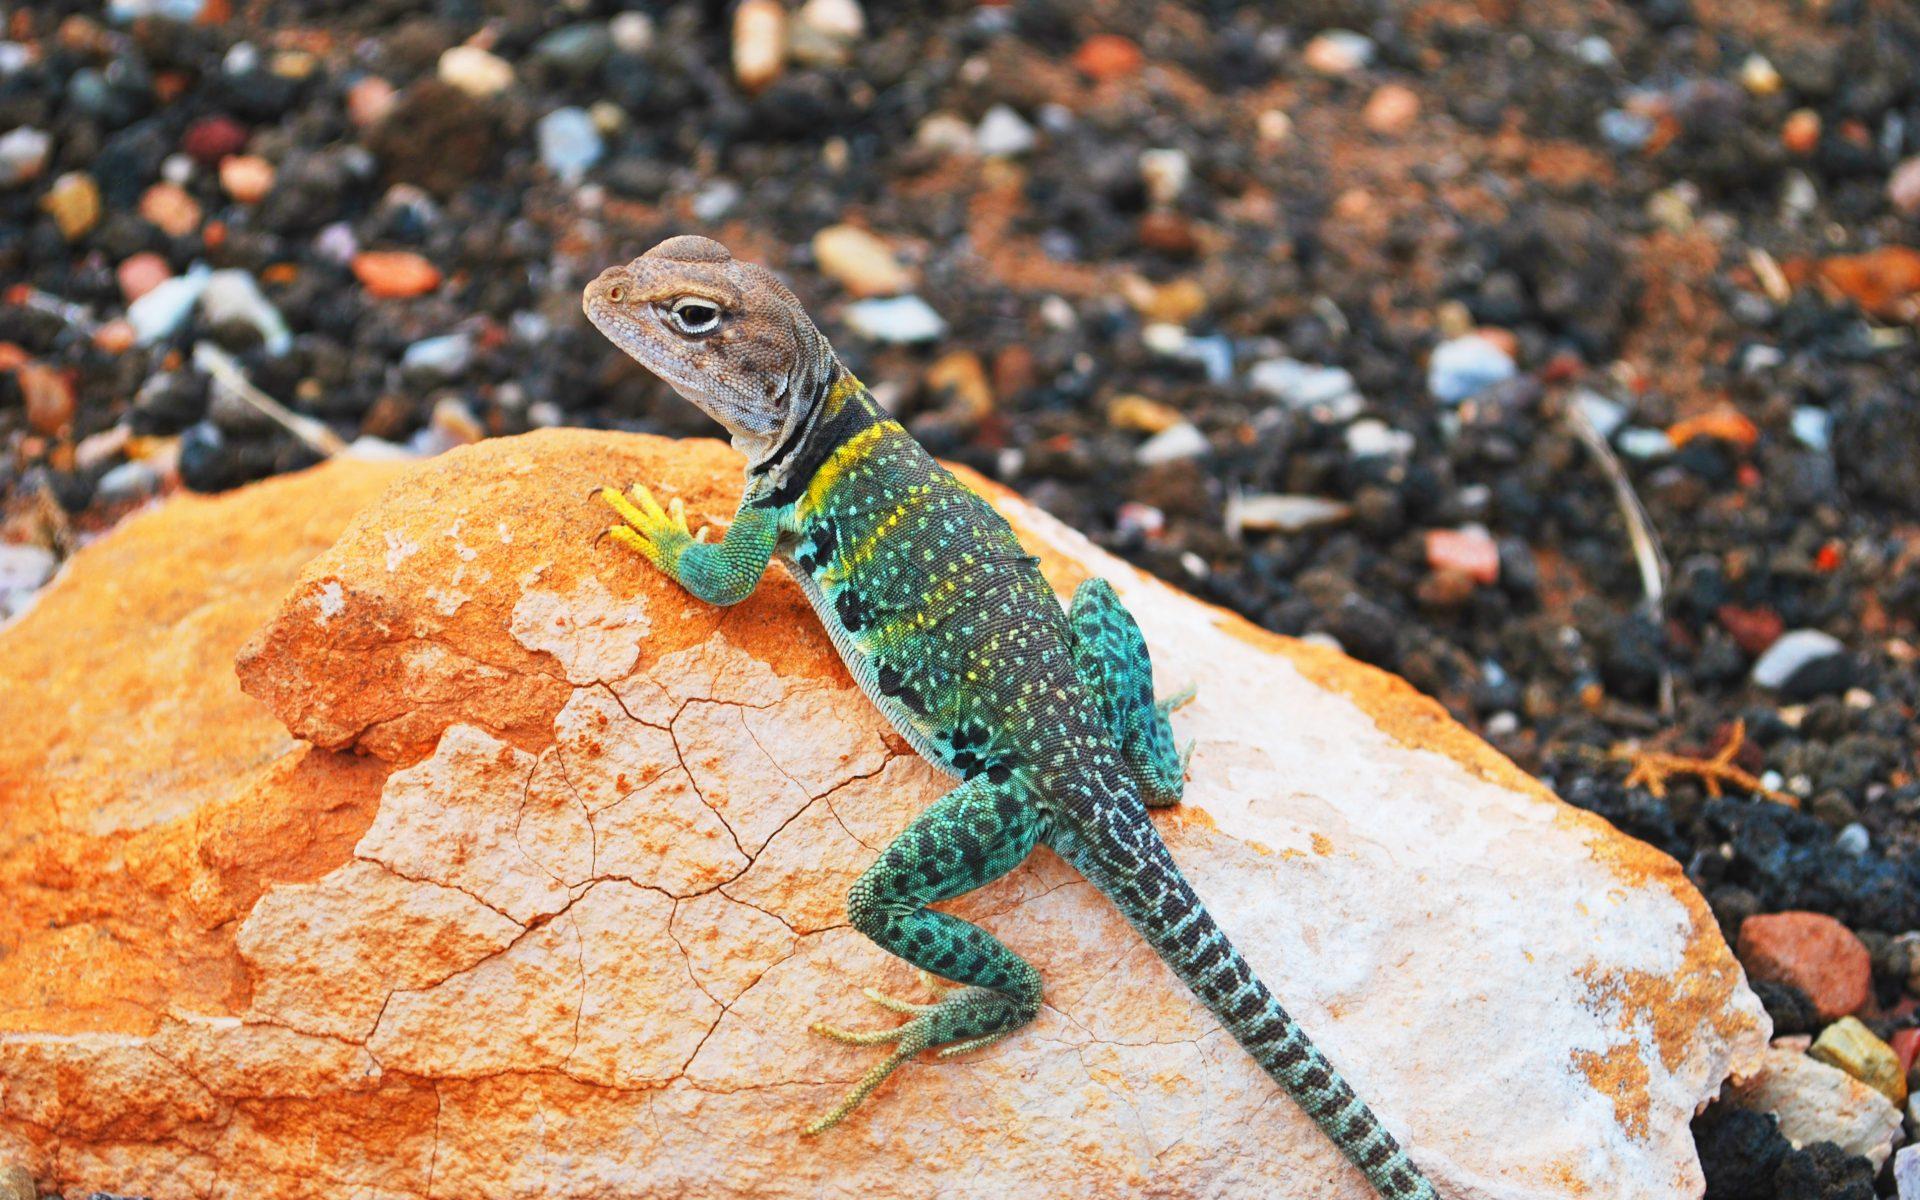 3840x2160 wallpaper lizard gecko - photo #14